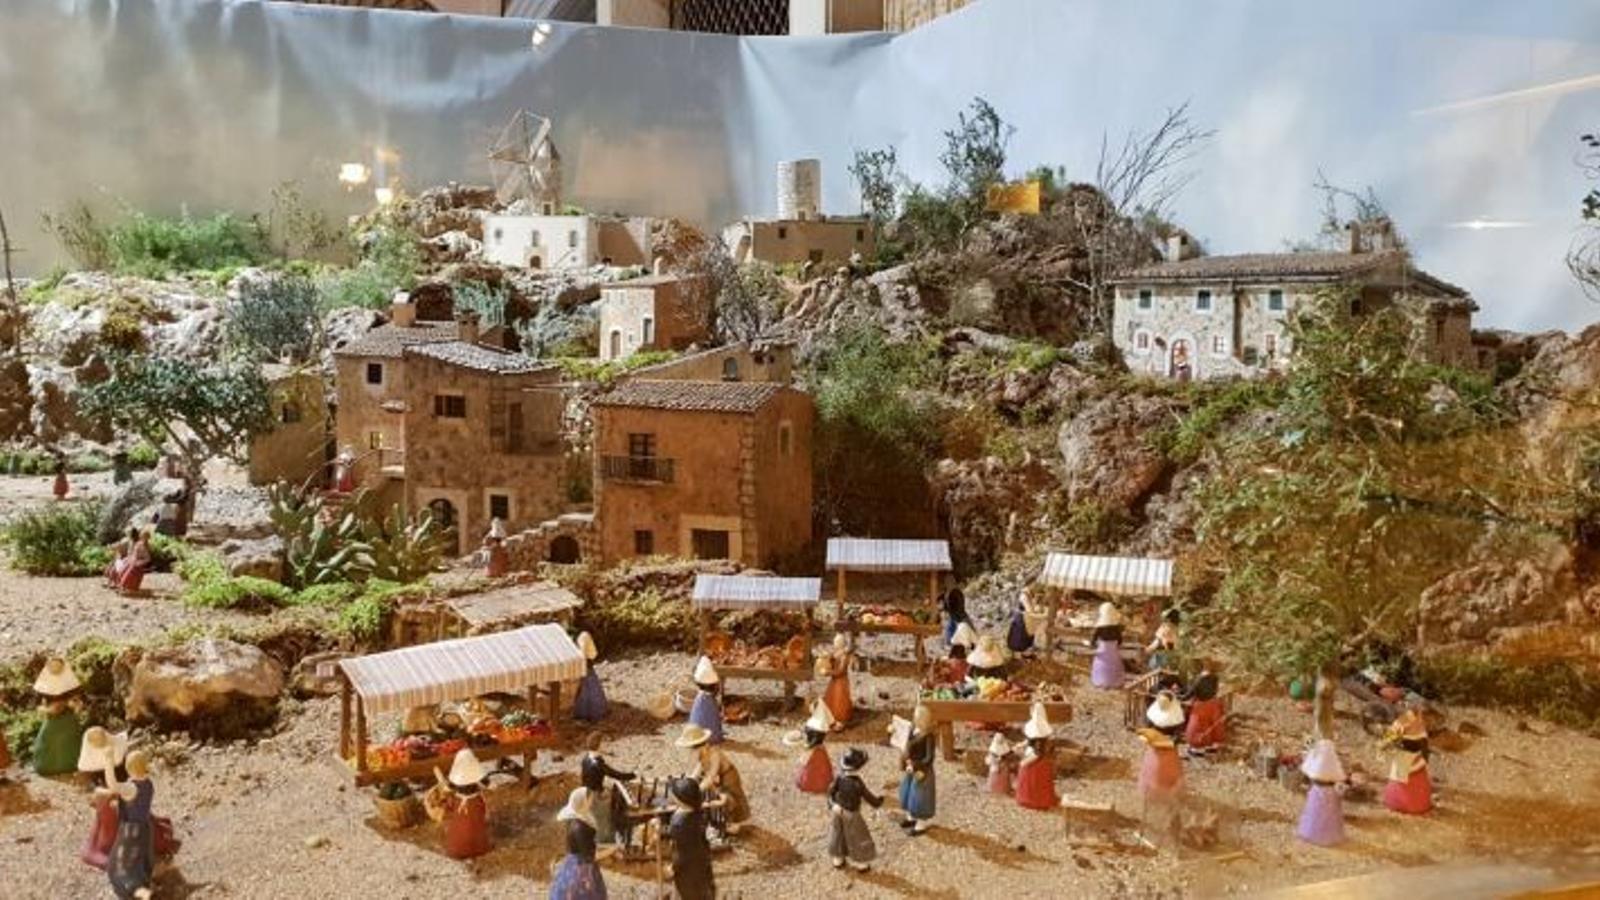 Imatge d'un dels betlems que surten al catàleg